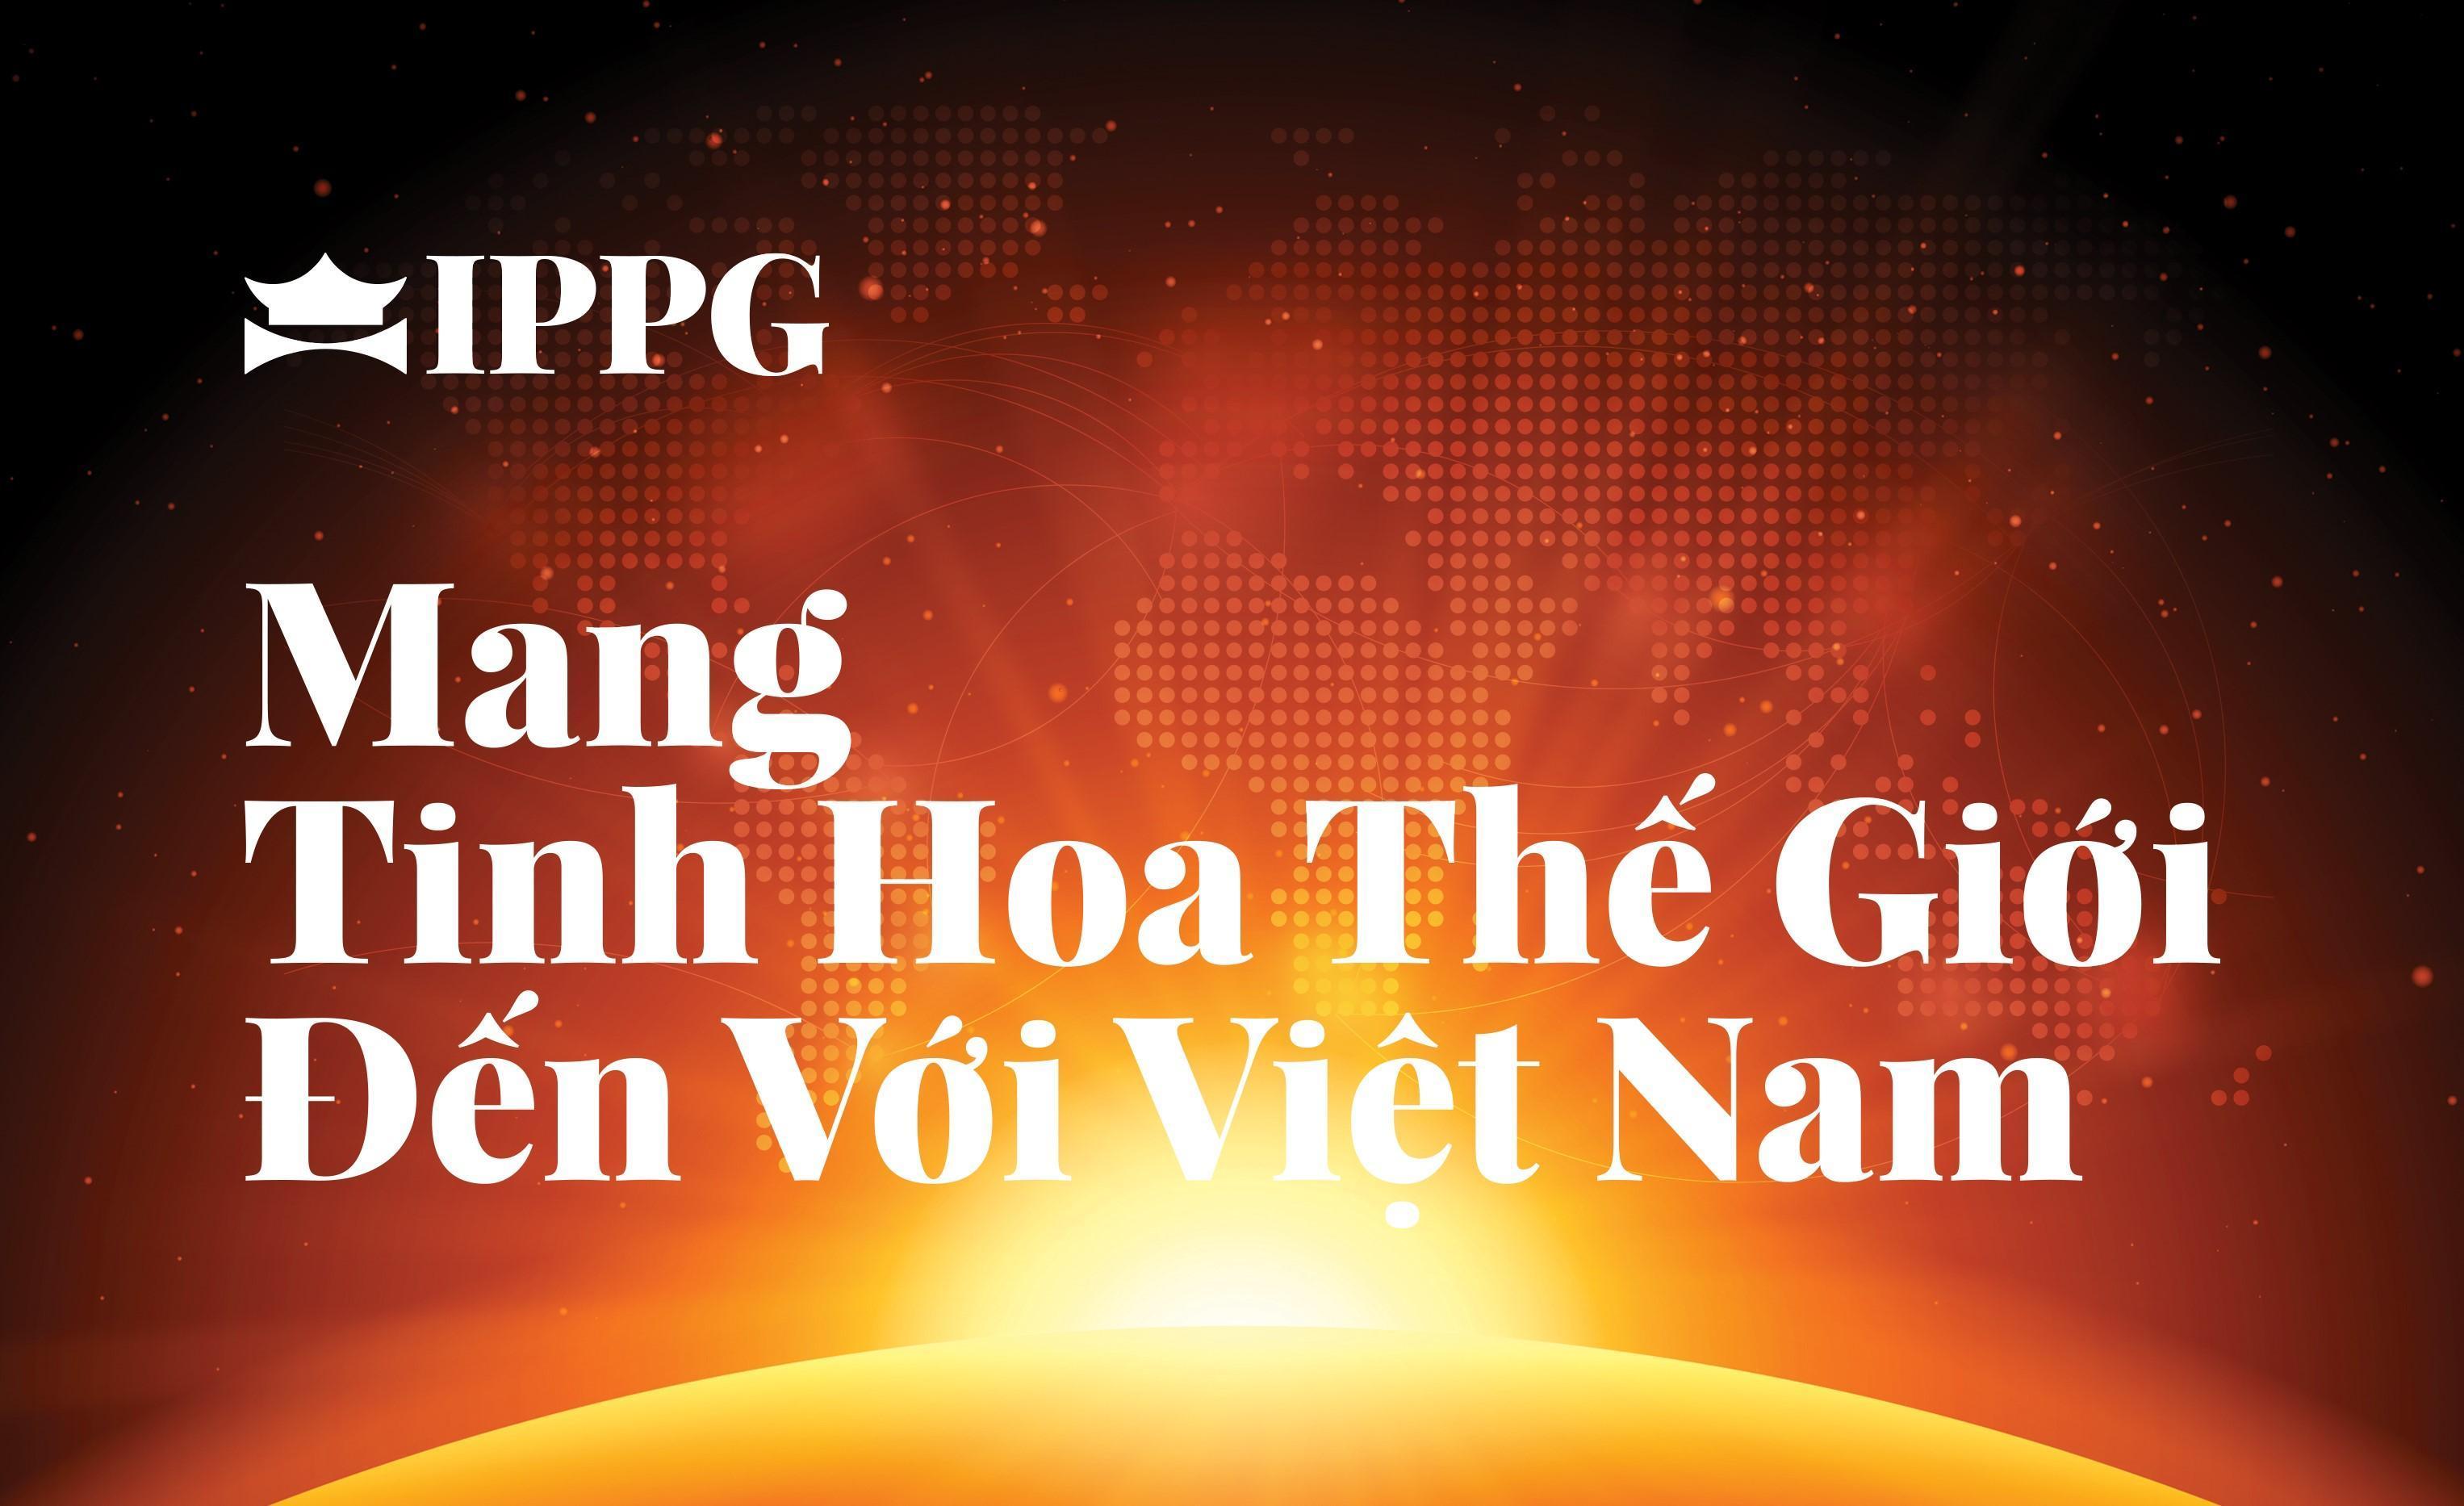 Tập đoàn Liên Thái Bình Dương - mang tinh hoa của thế giới đến với Việt Nam